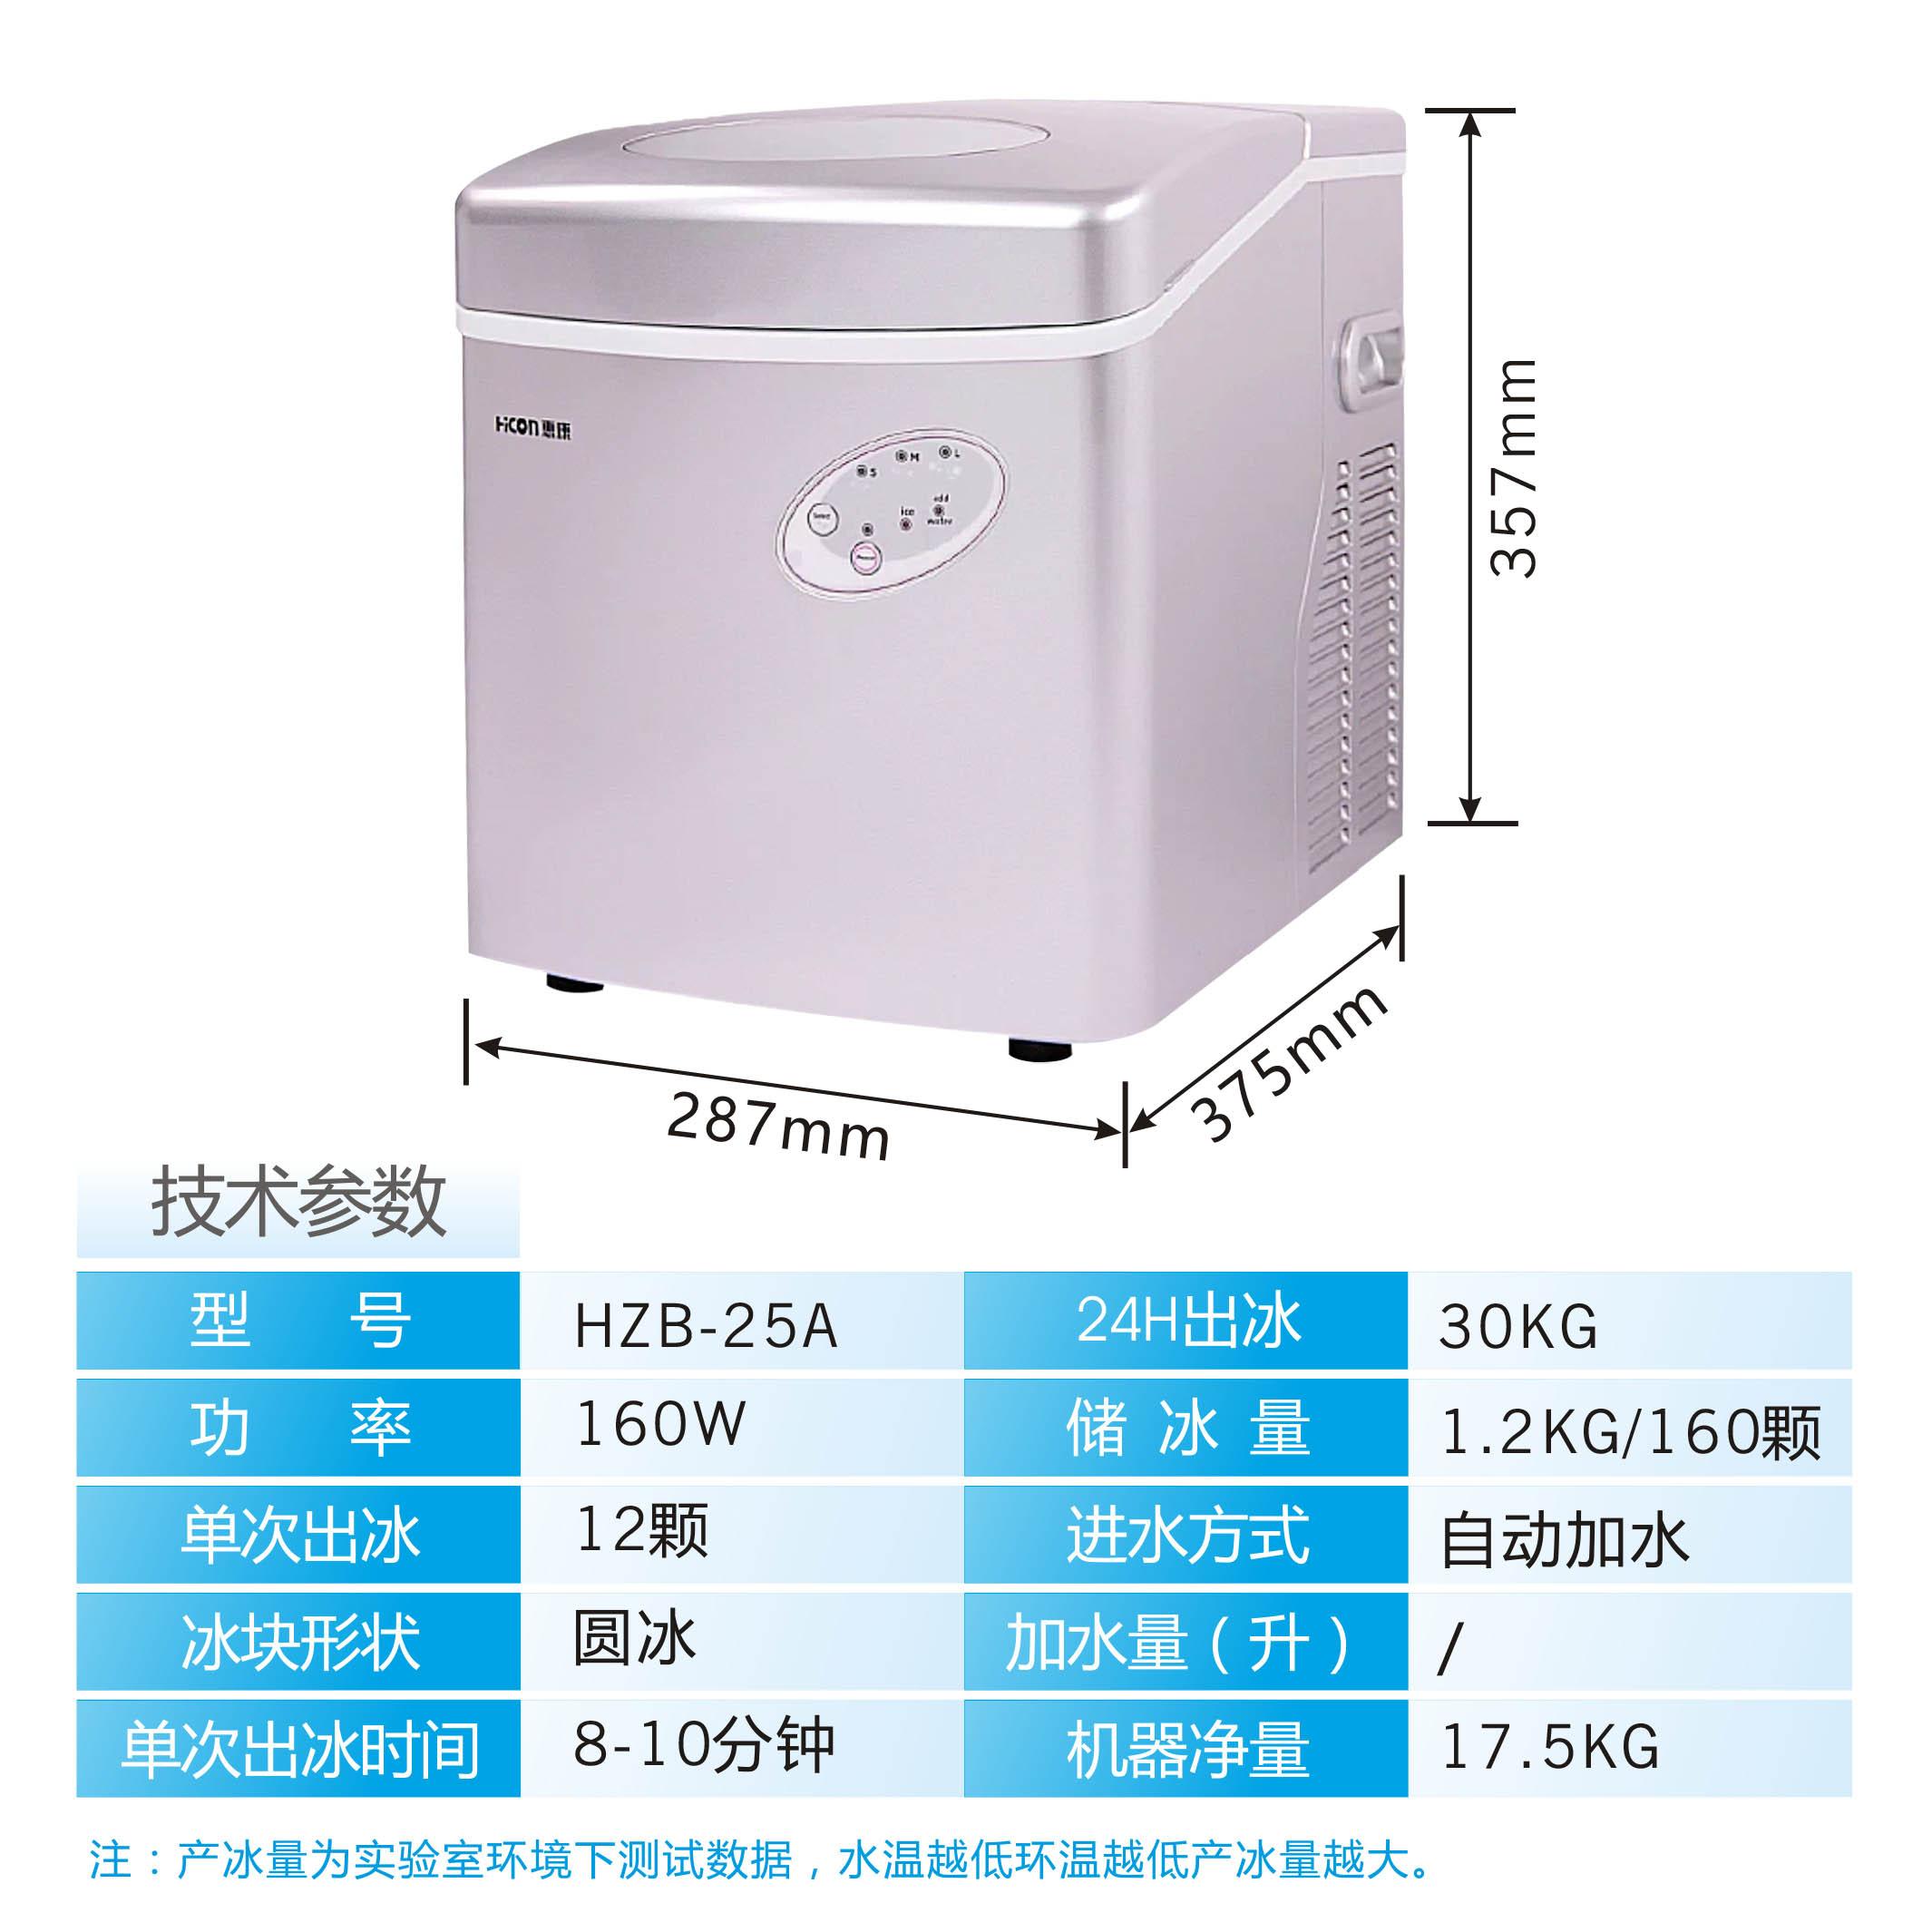 惠康制冰机商用奶茶店30KG小型全自动家用台式酒吧圆冰块制作机器